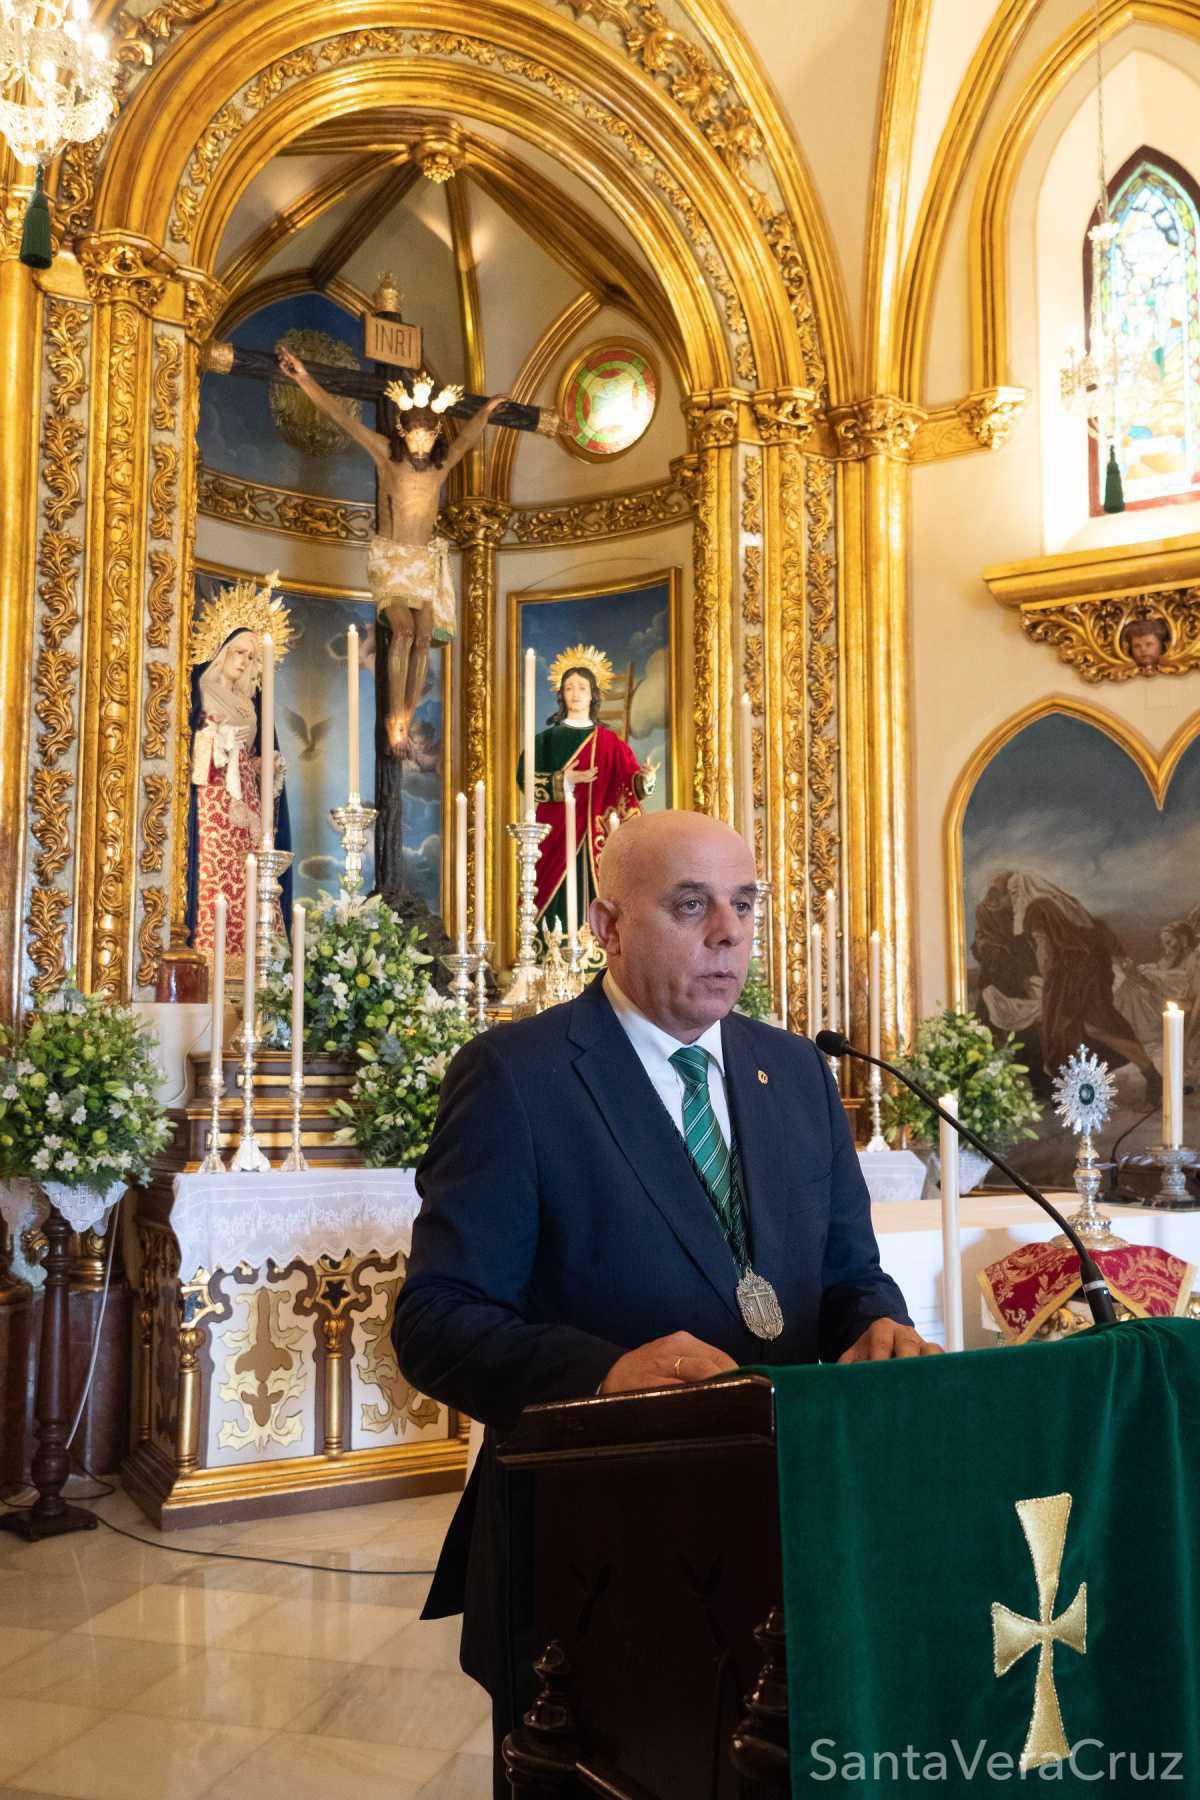 Solemne acto de veneración de la Sagrada Reliquia del Santo Lignum Crucis en conmemoración de la Festividad de la Exaltación de la Cruz y Solemne Eucaristía previa al acto de jura de cargos.